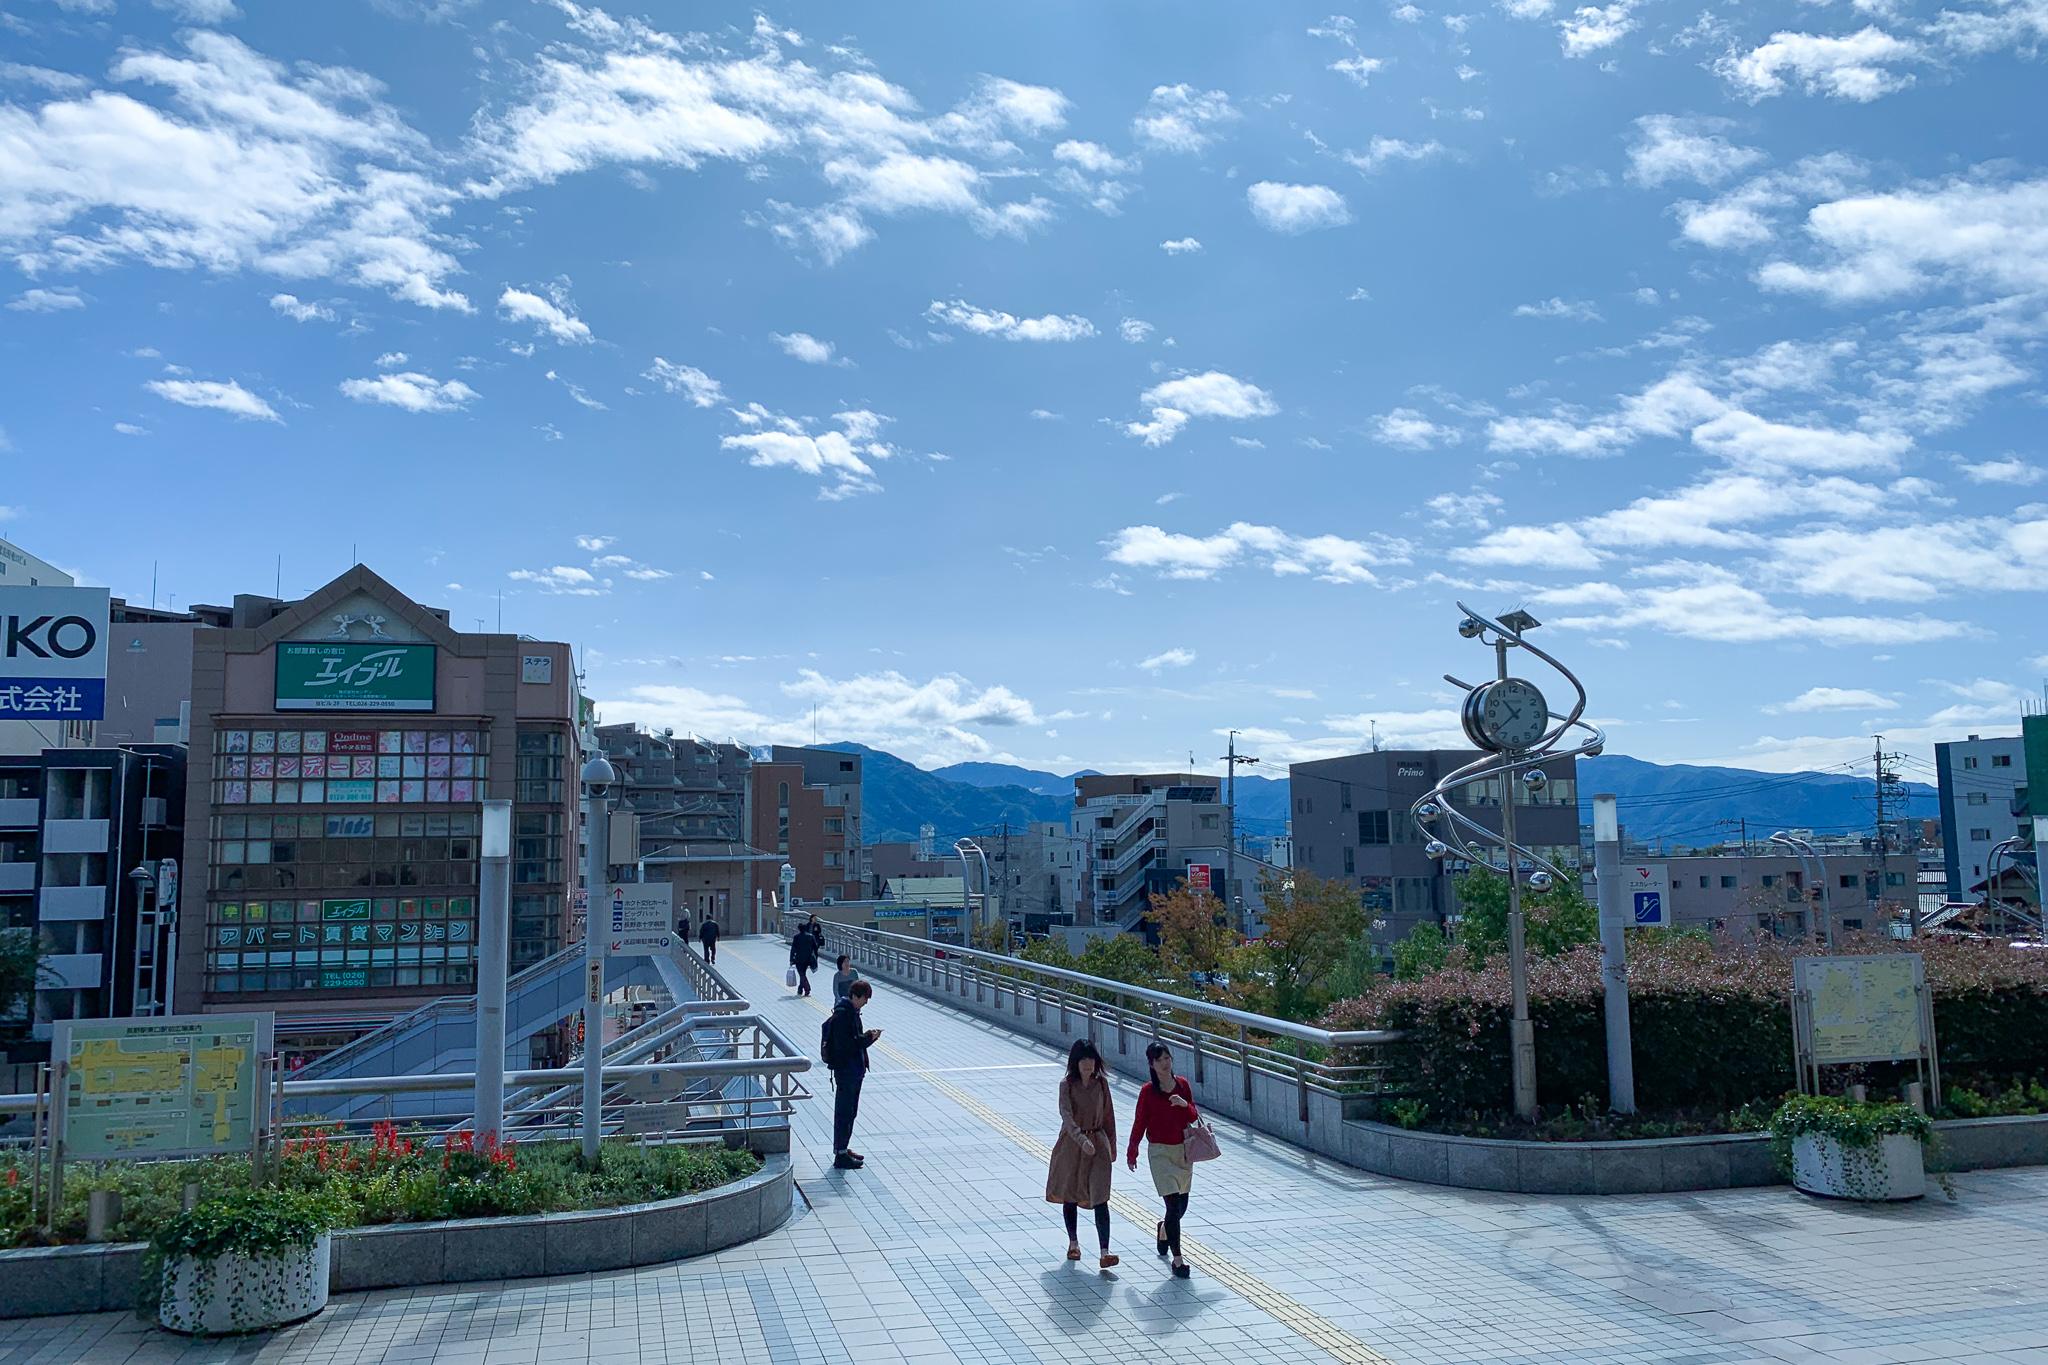 台風19号直撃から1週間後の長野駅前はすっかり晴れ